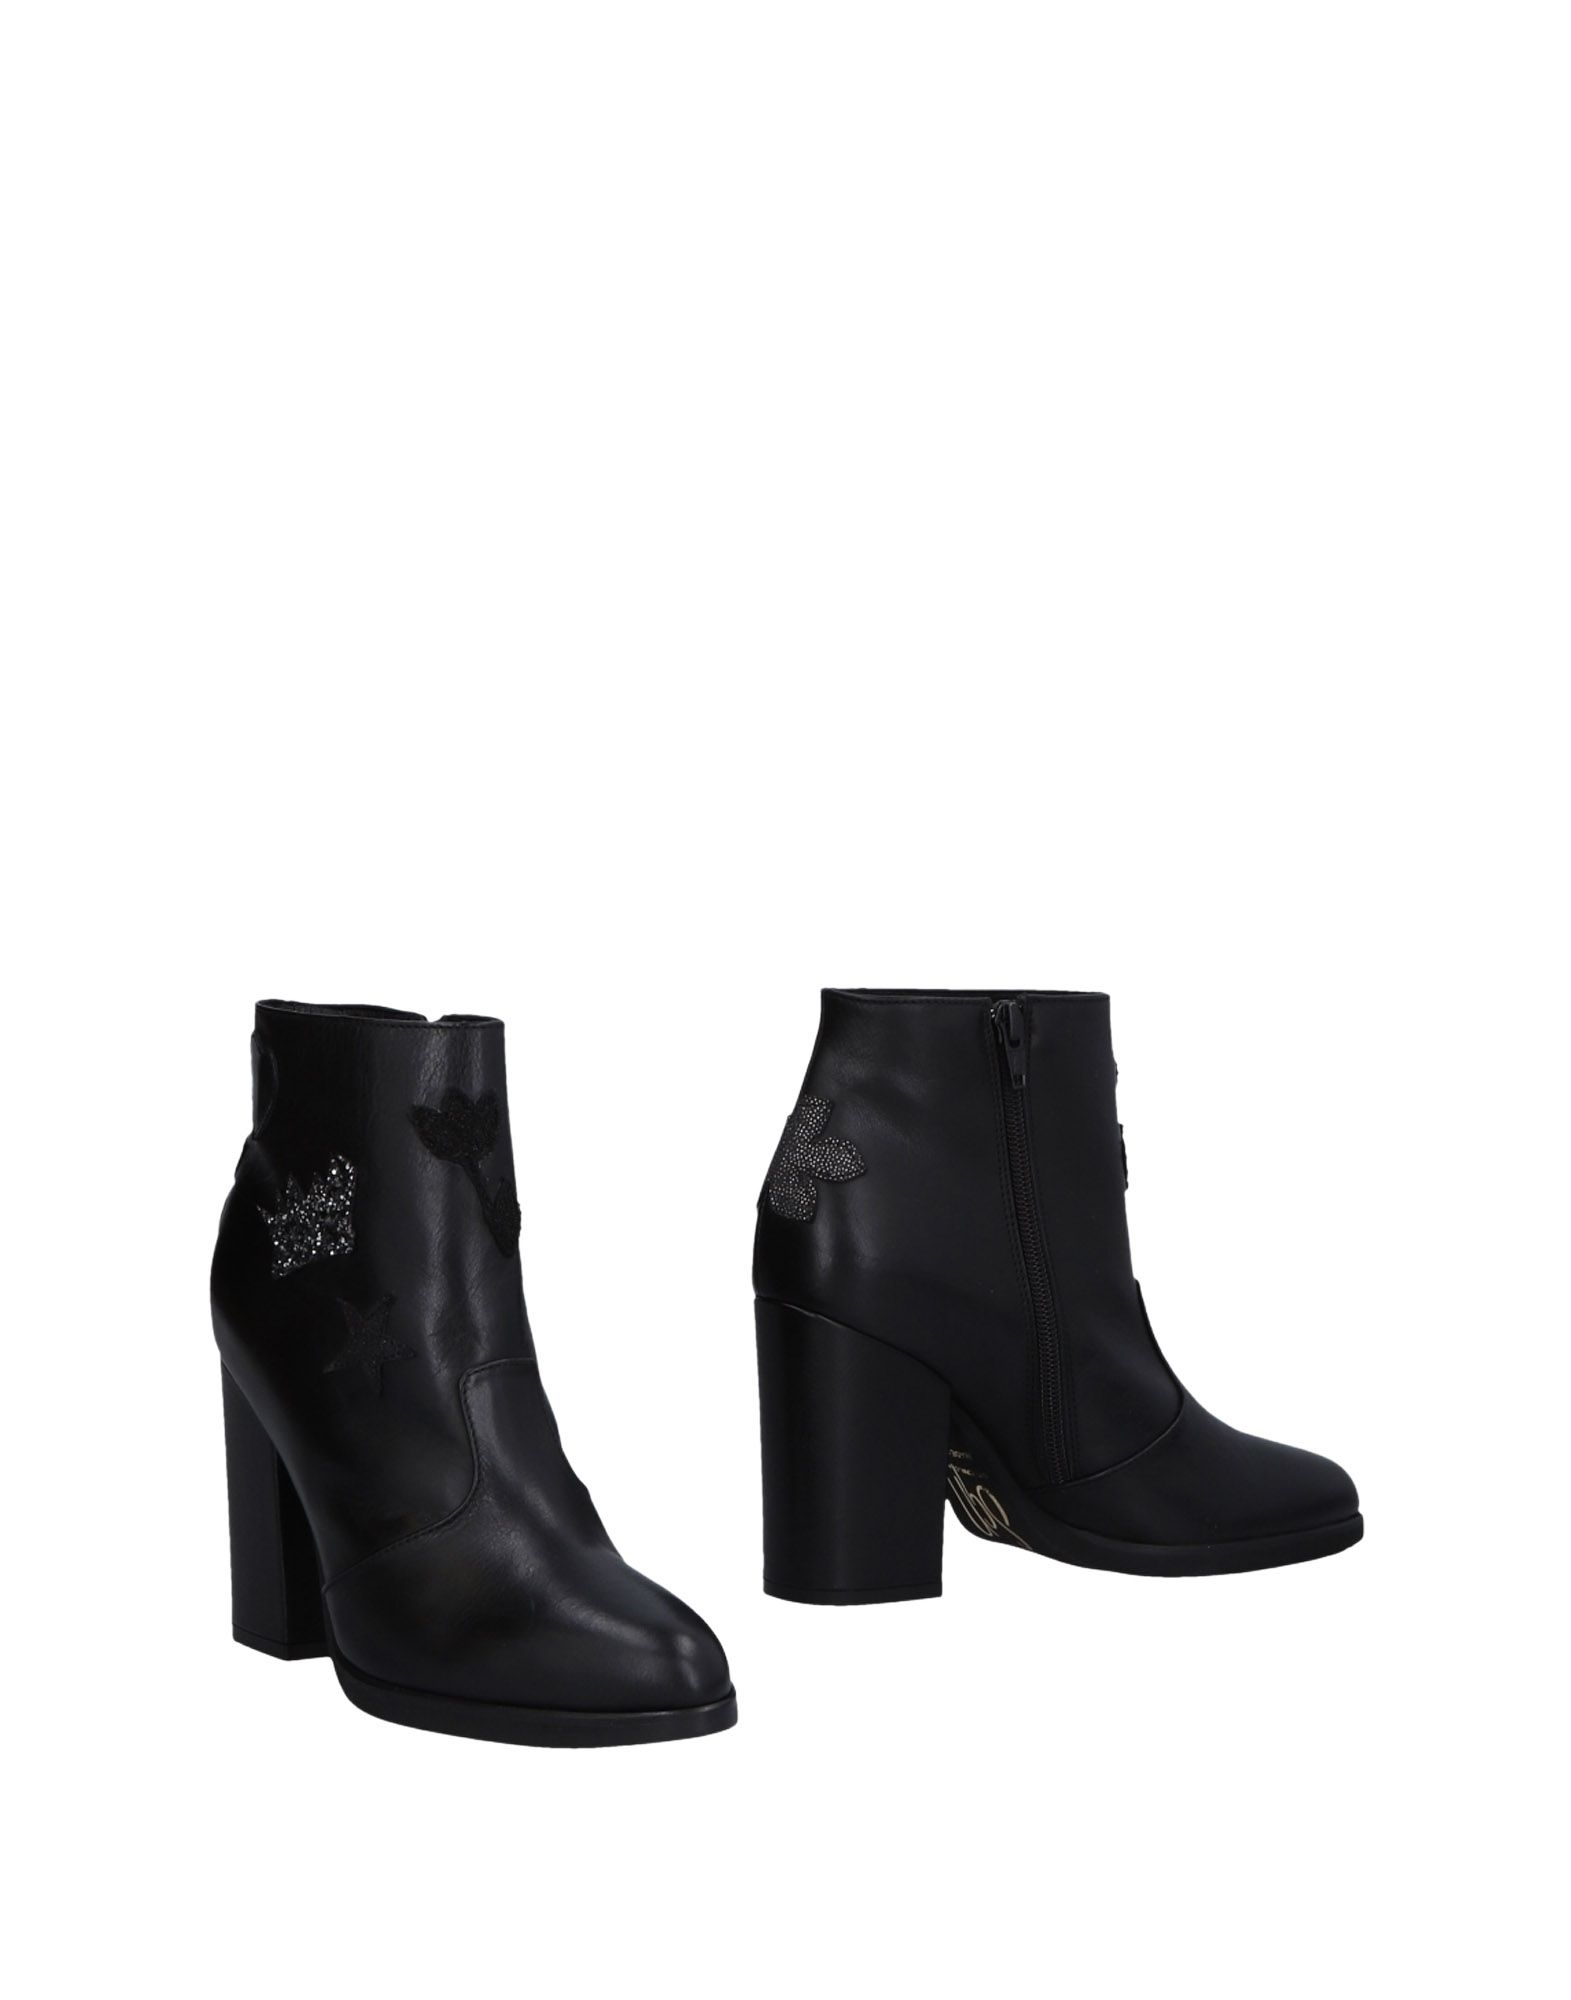 Sgn Giancarlo Paoli Stiefelette Damen  11477288EWGut aussehende strapazierfähige Schuhe